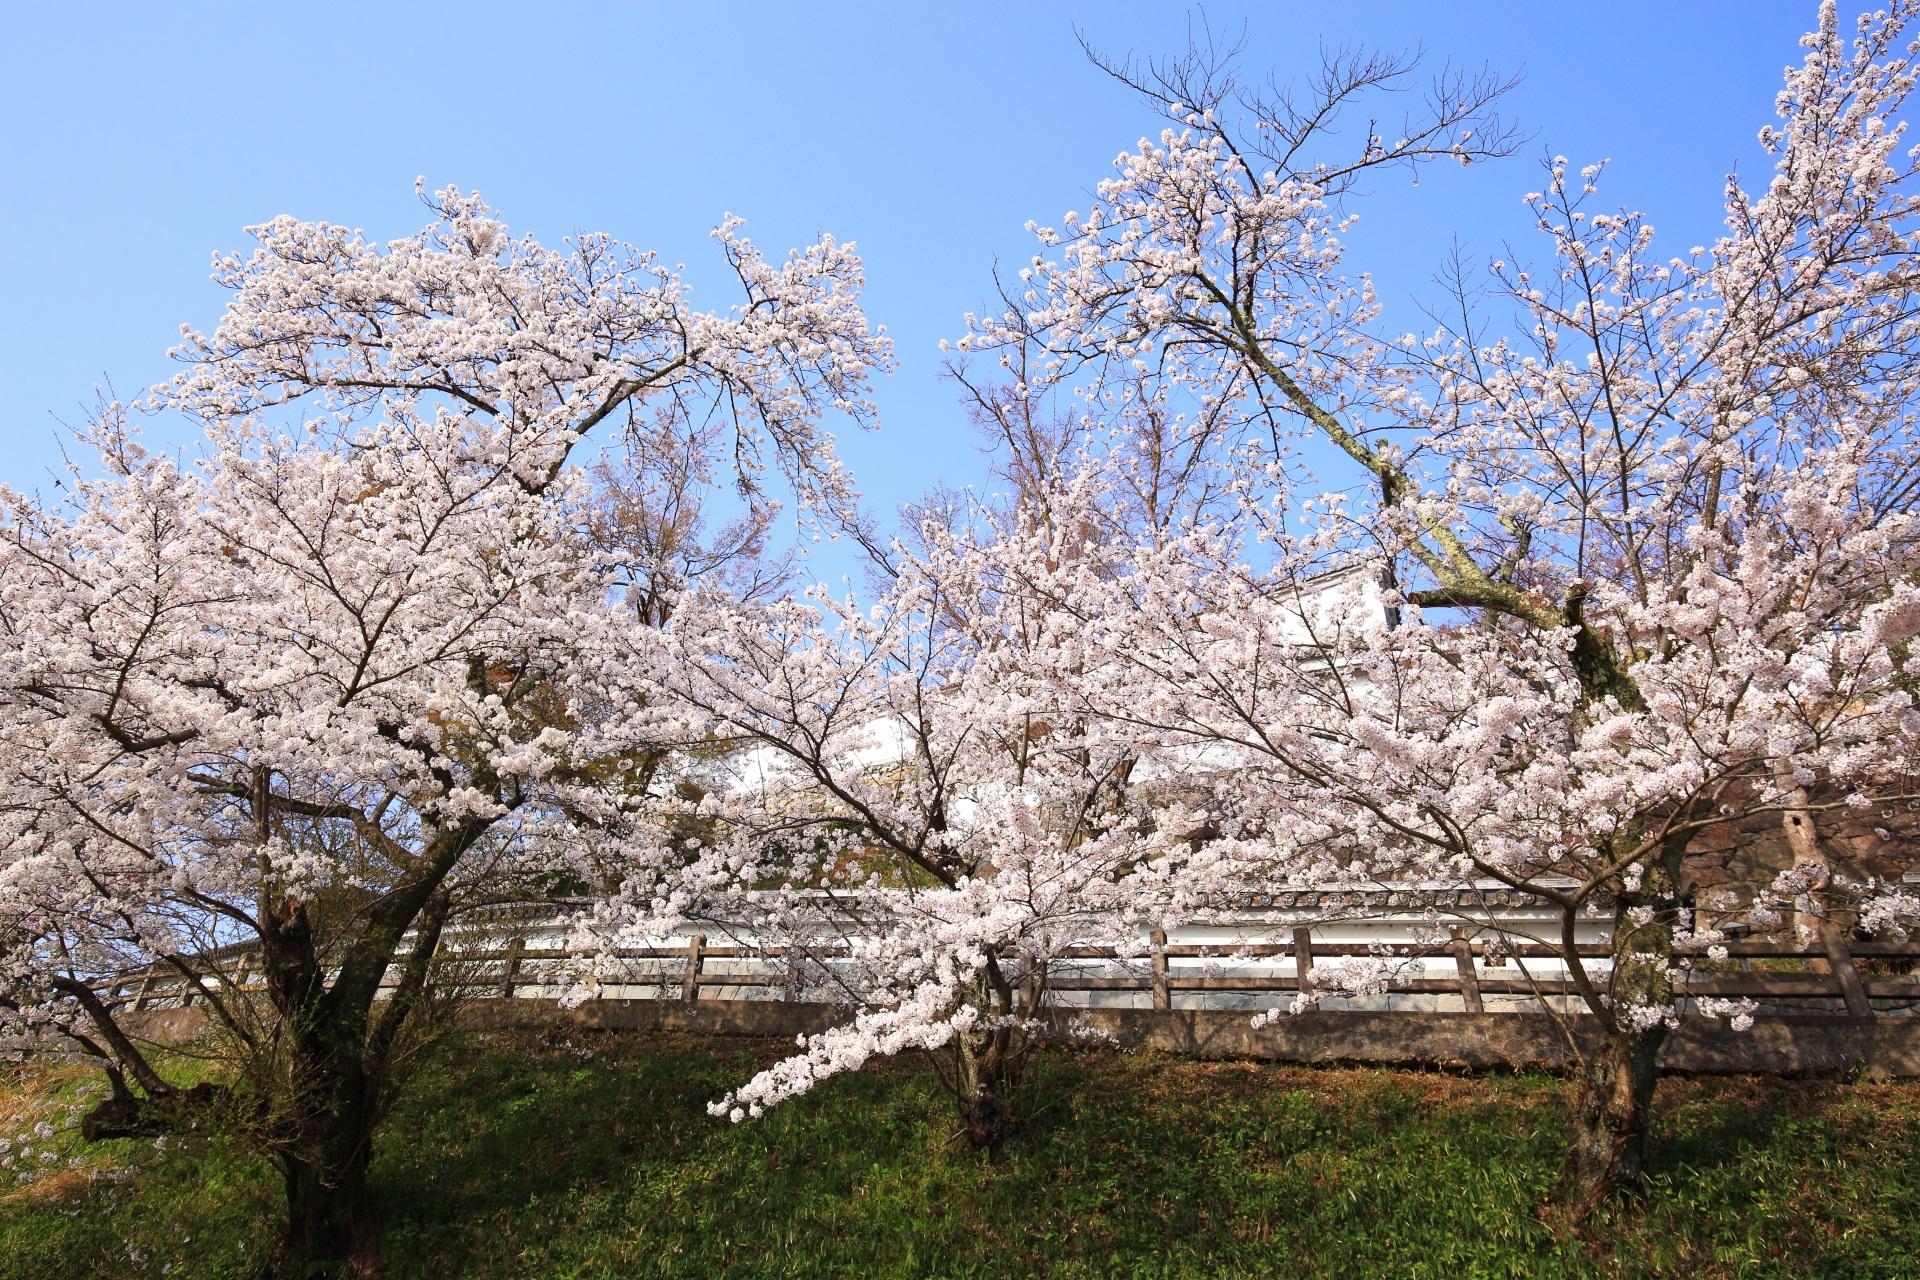 福知山城の大きく羽を広げたような桜